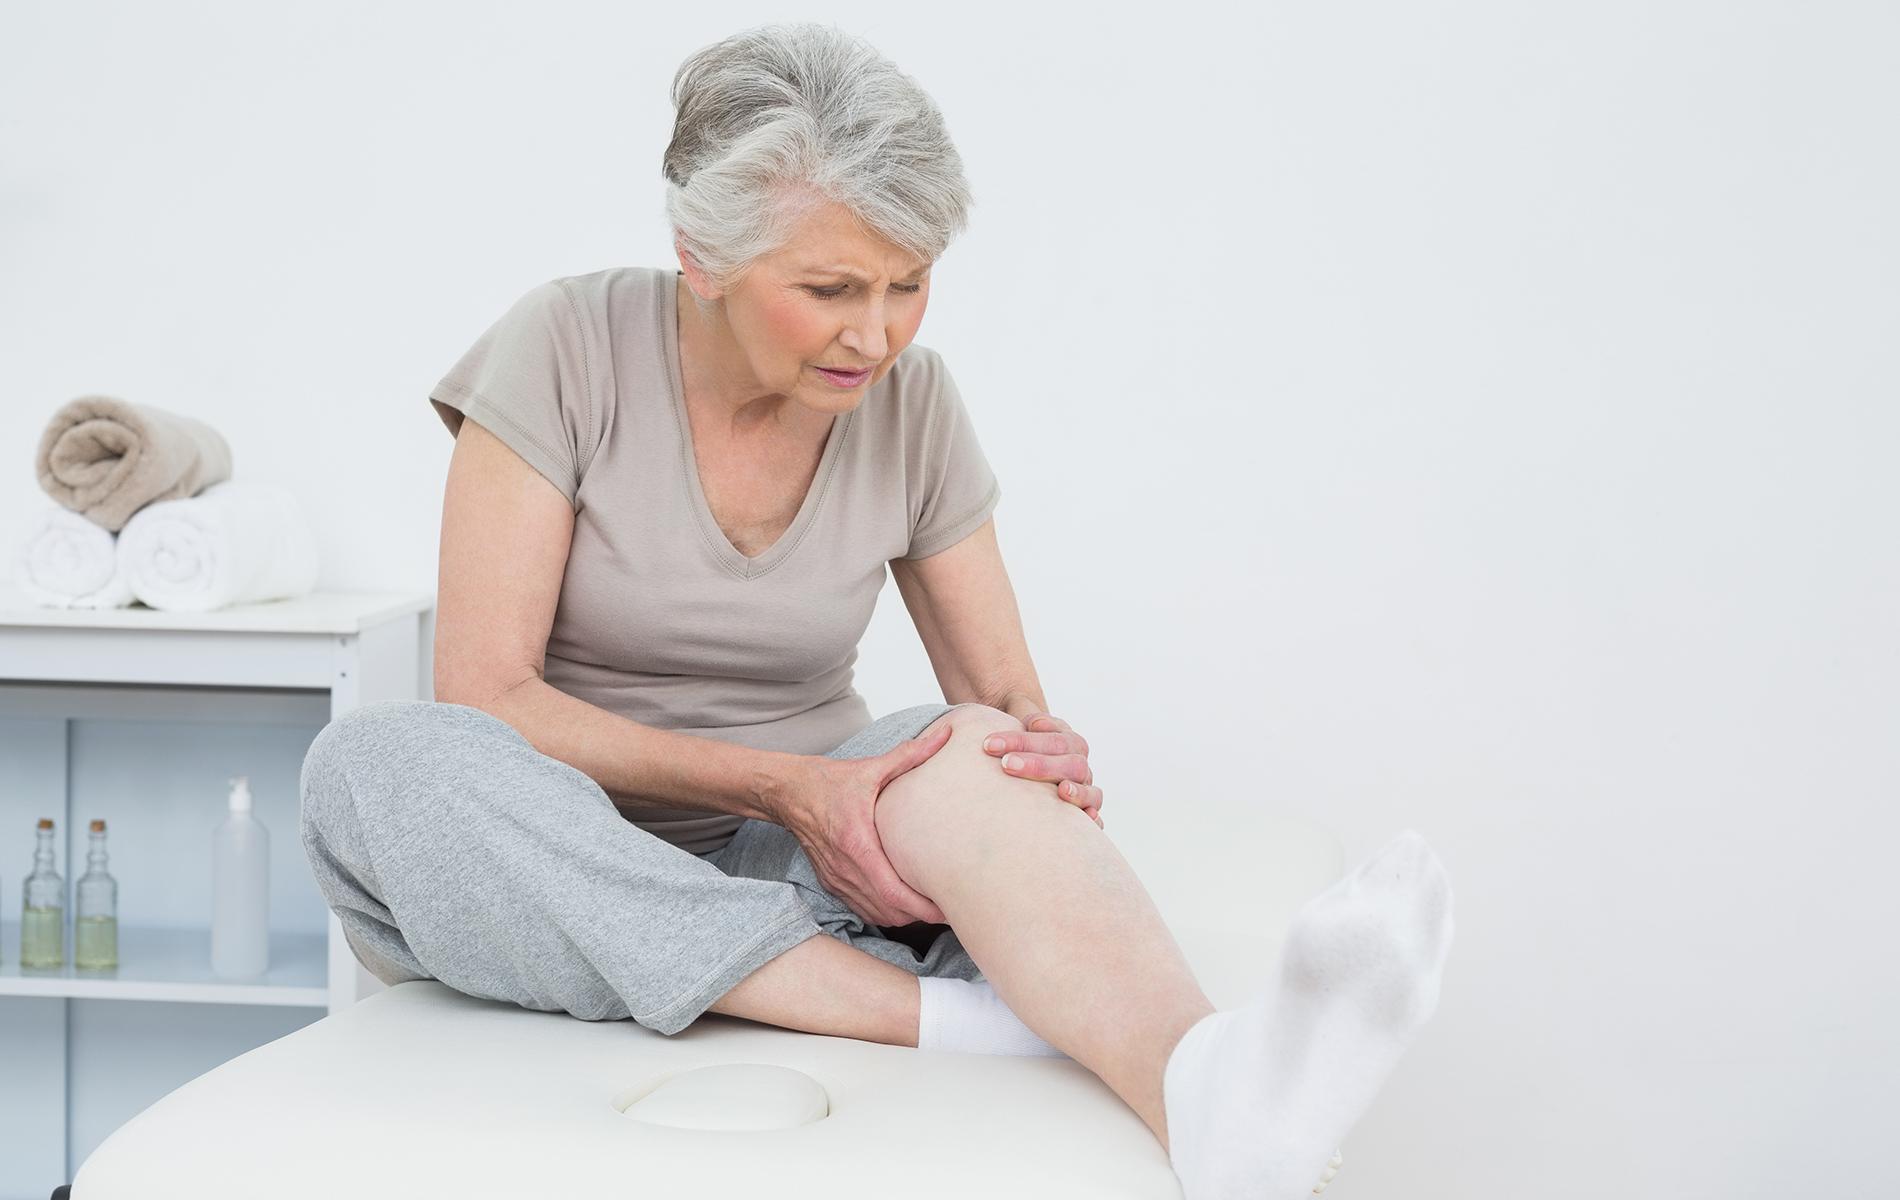 ¿La atención quiropráctica aliviará su dolor en las articulaciones?